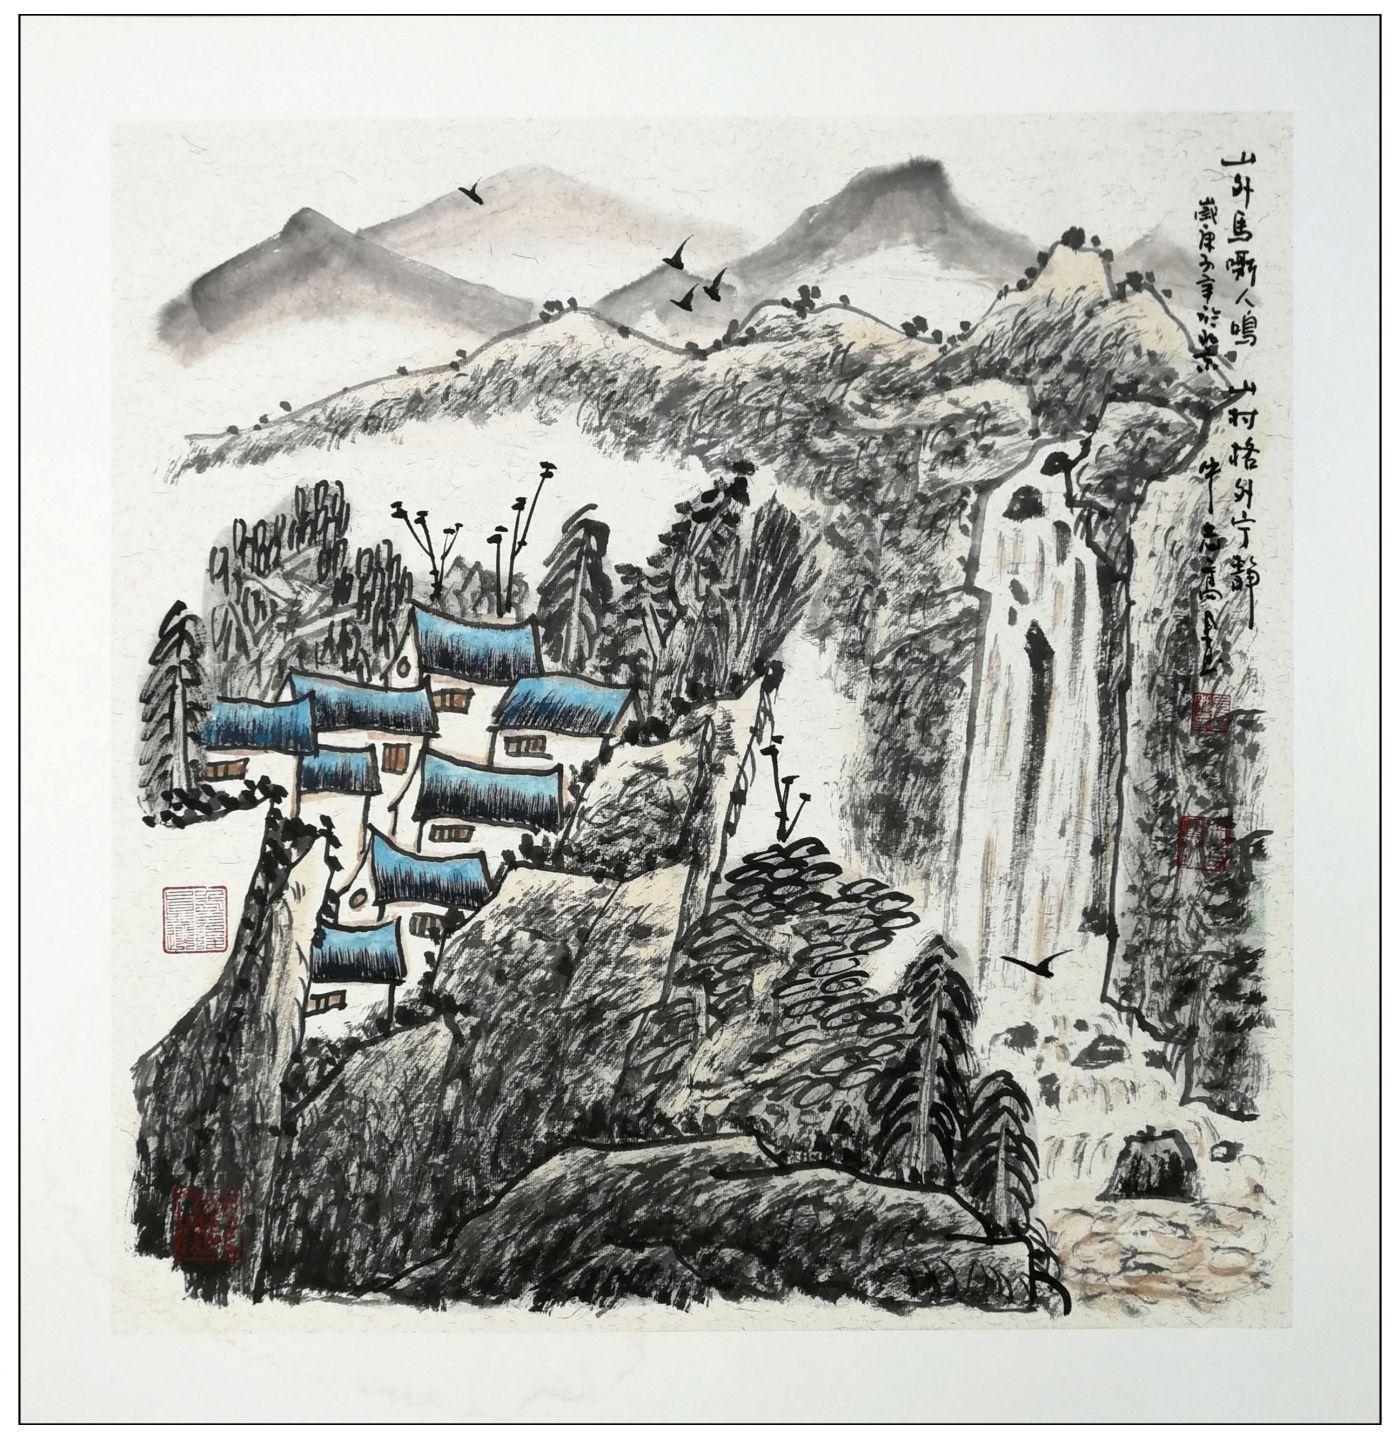 牛志高2020山水画新作-----2020.07.05_图1-4